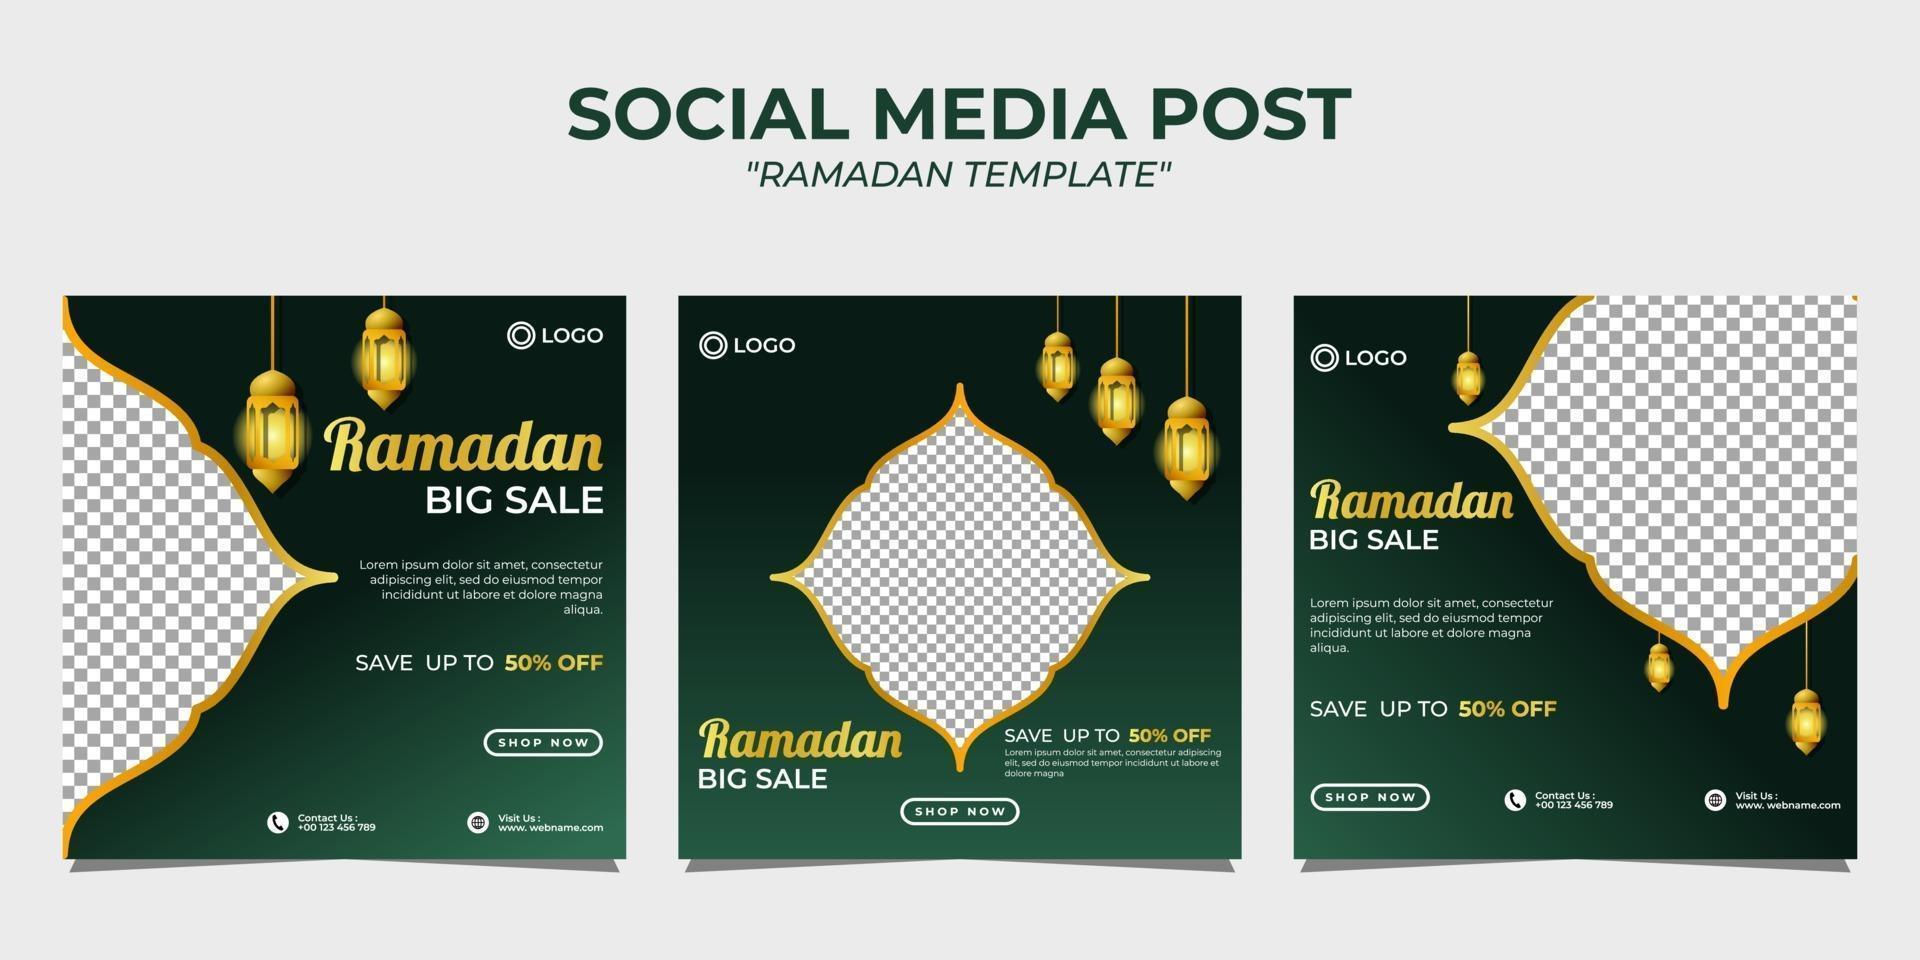 Ramadan Social Media Post Vorlage vektor